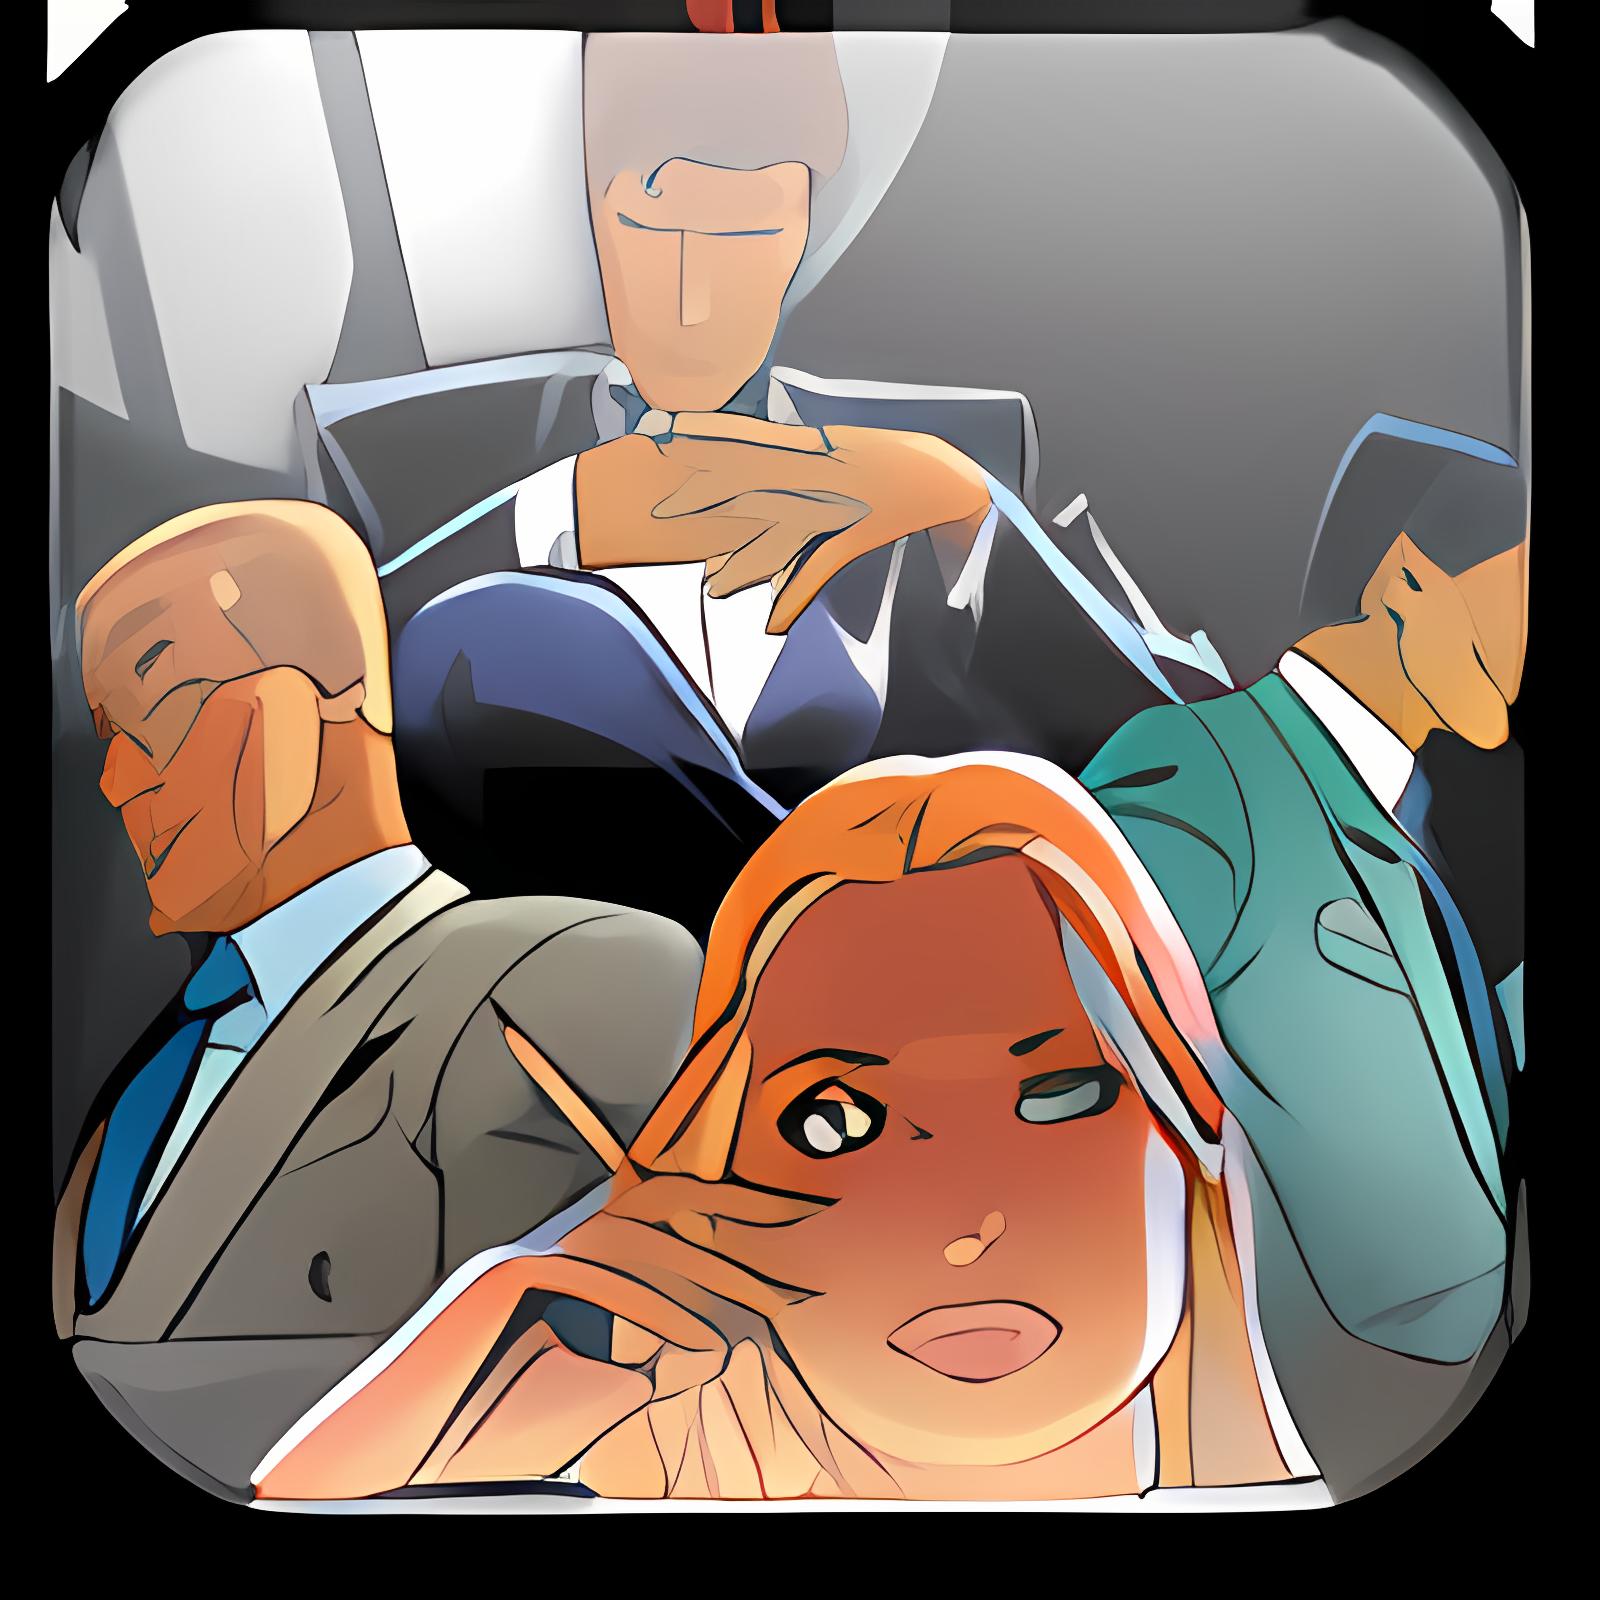 Fond d'écran Largo Winch - Le jeu